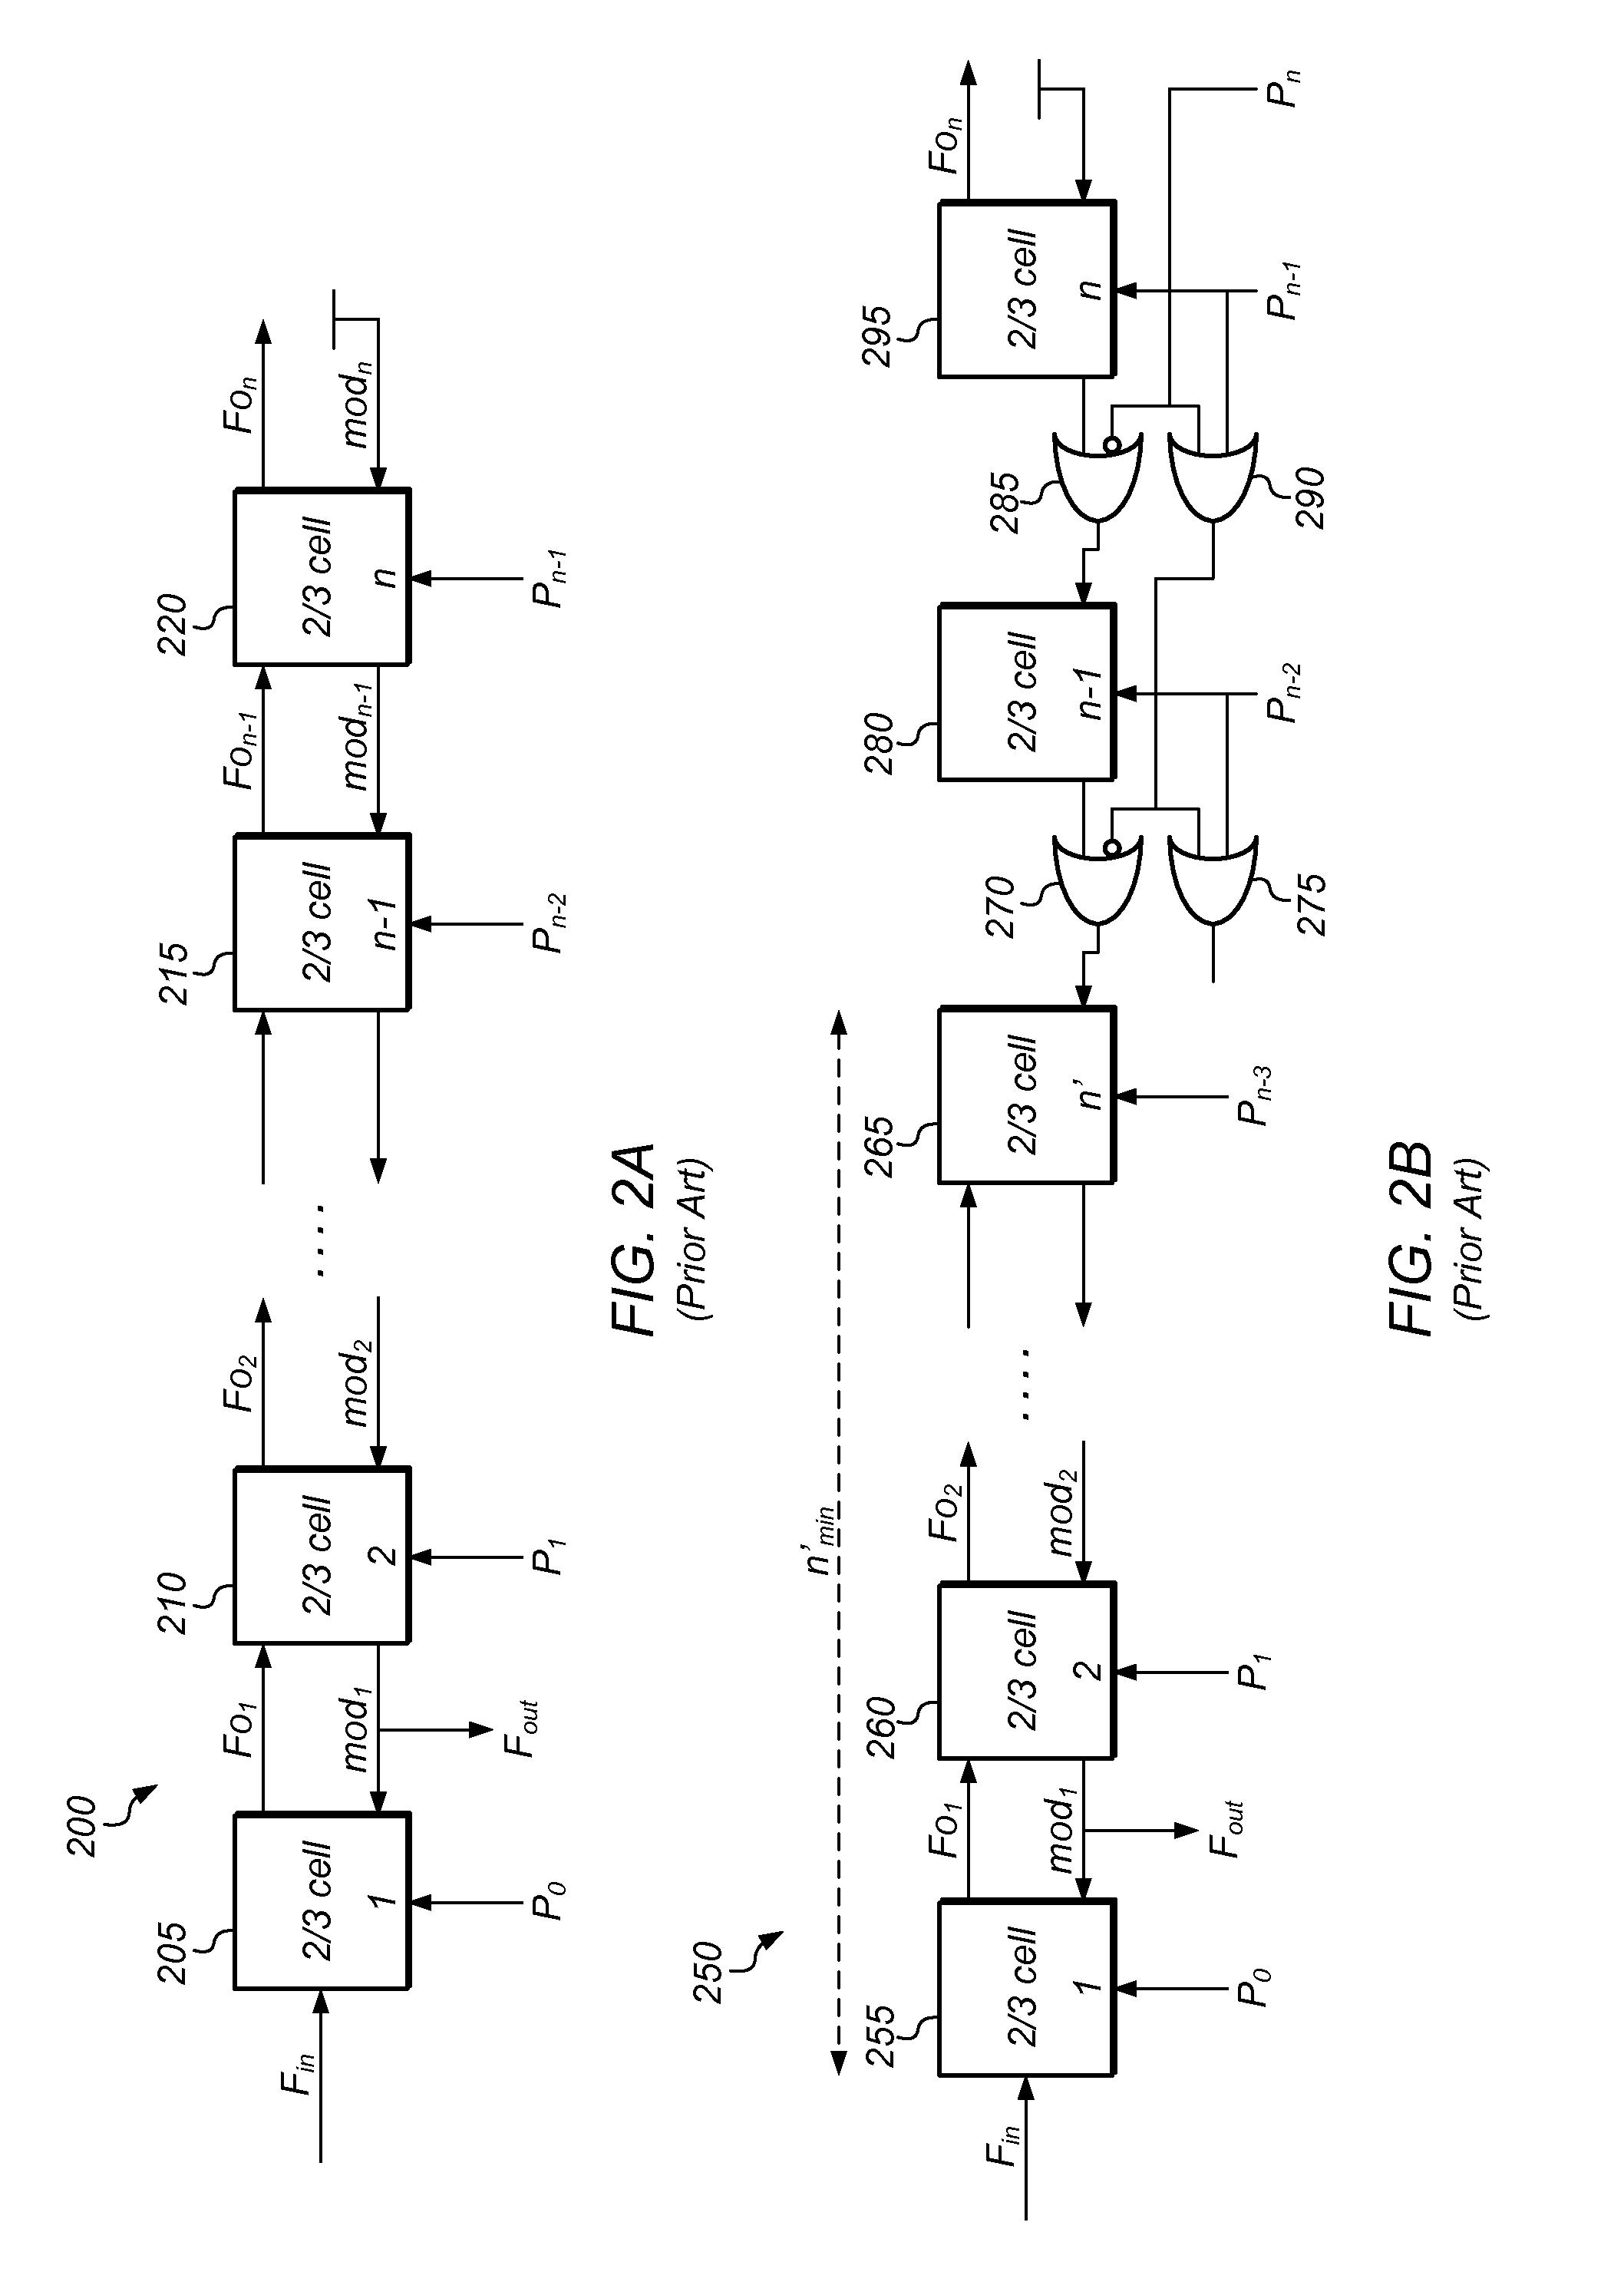 patent us8552770